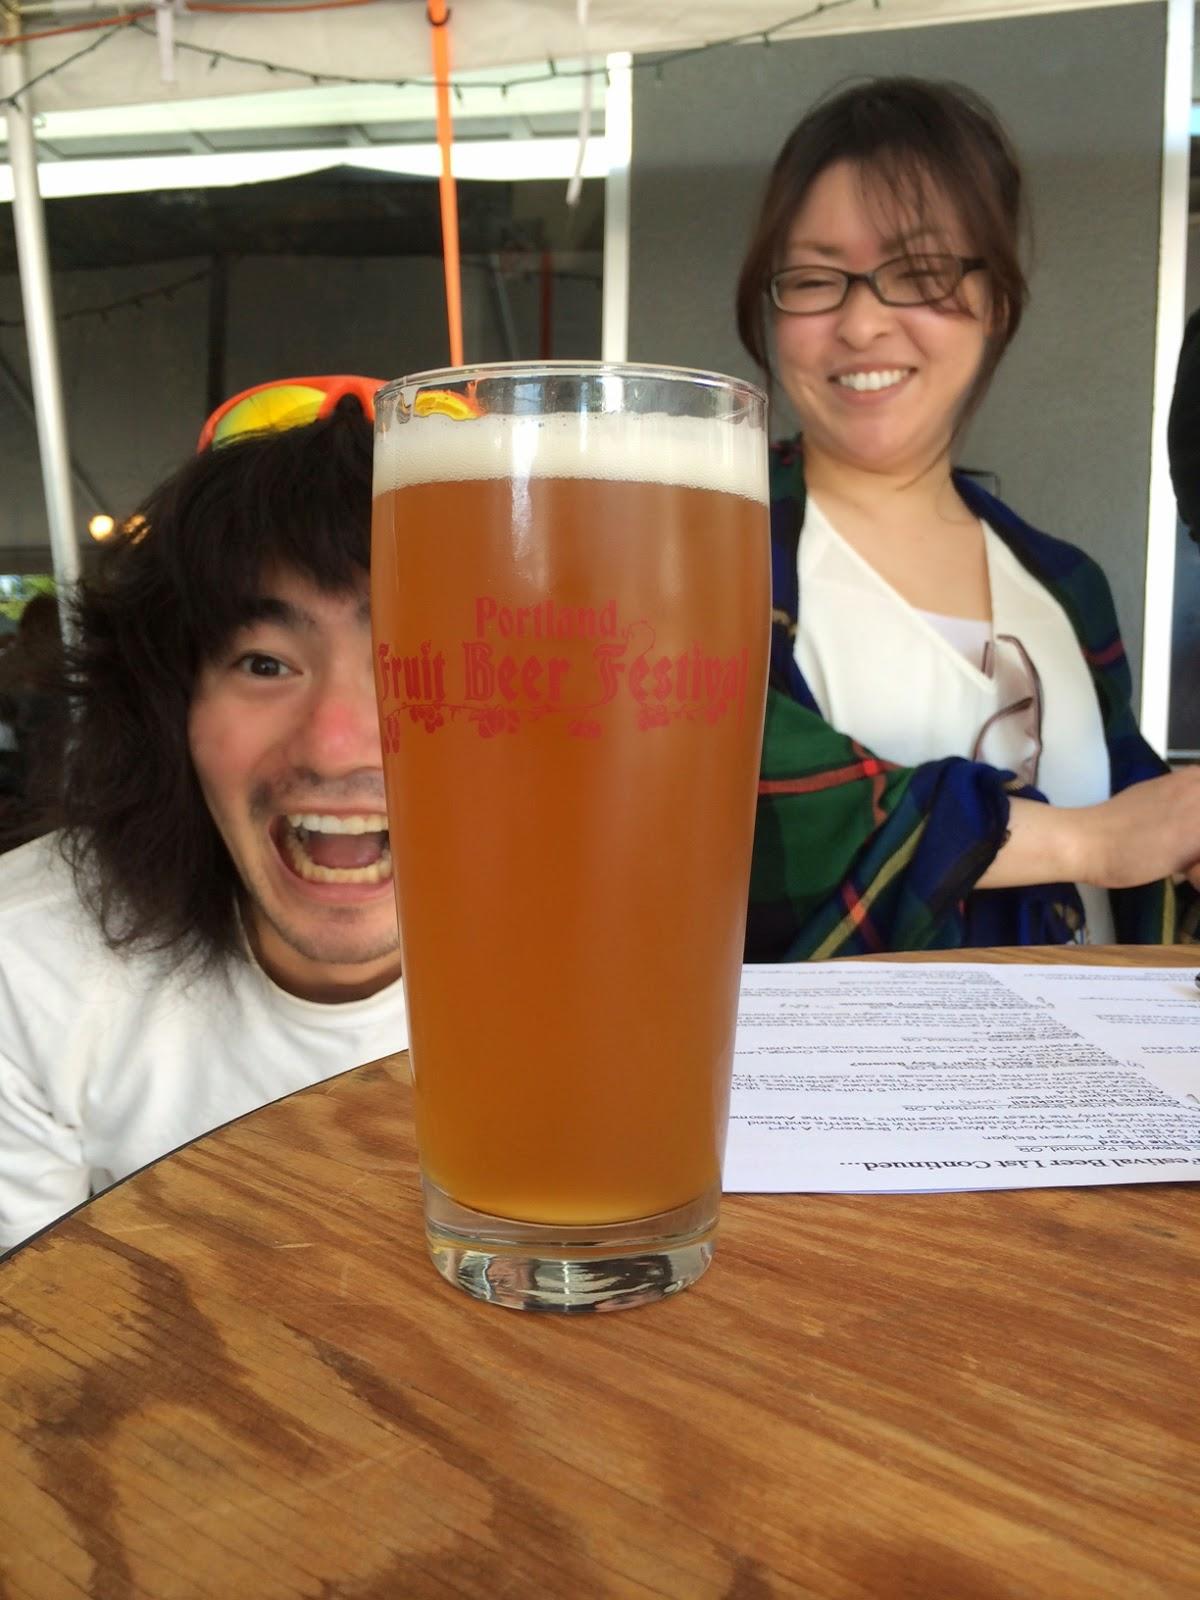 ポートランド フルーツ ビール